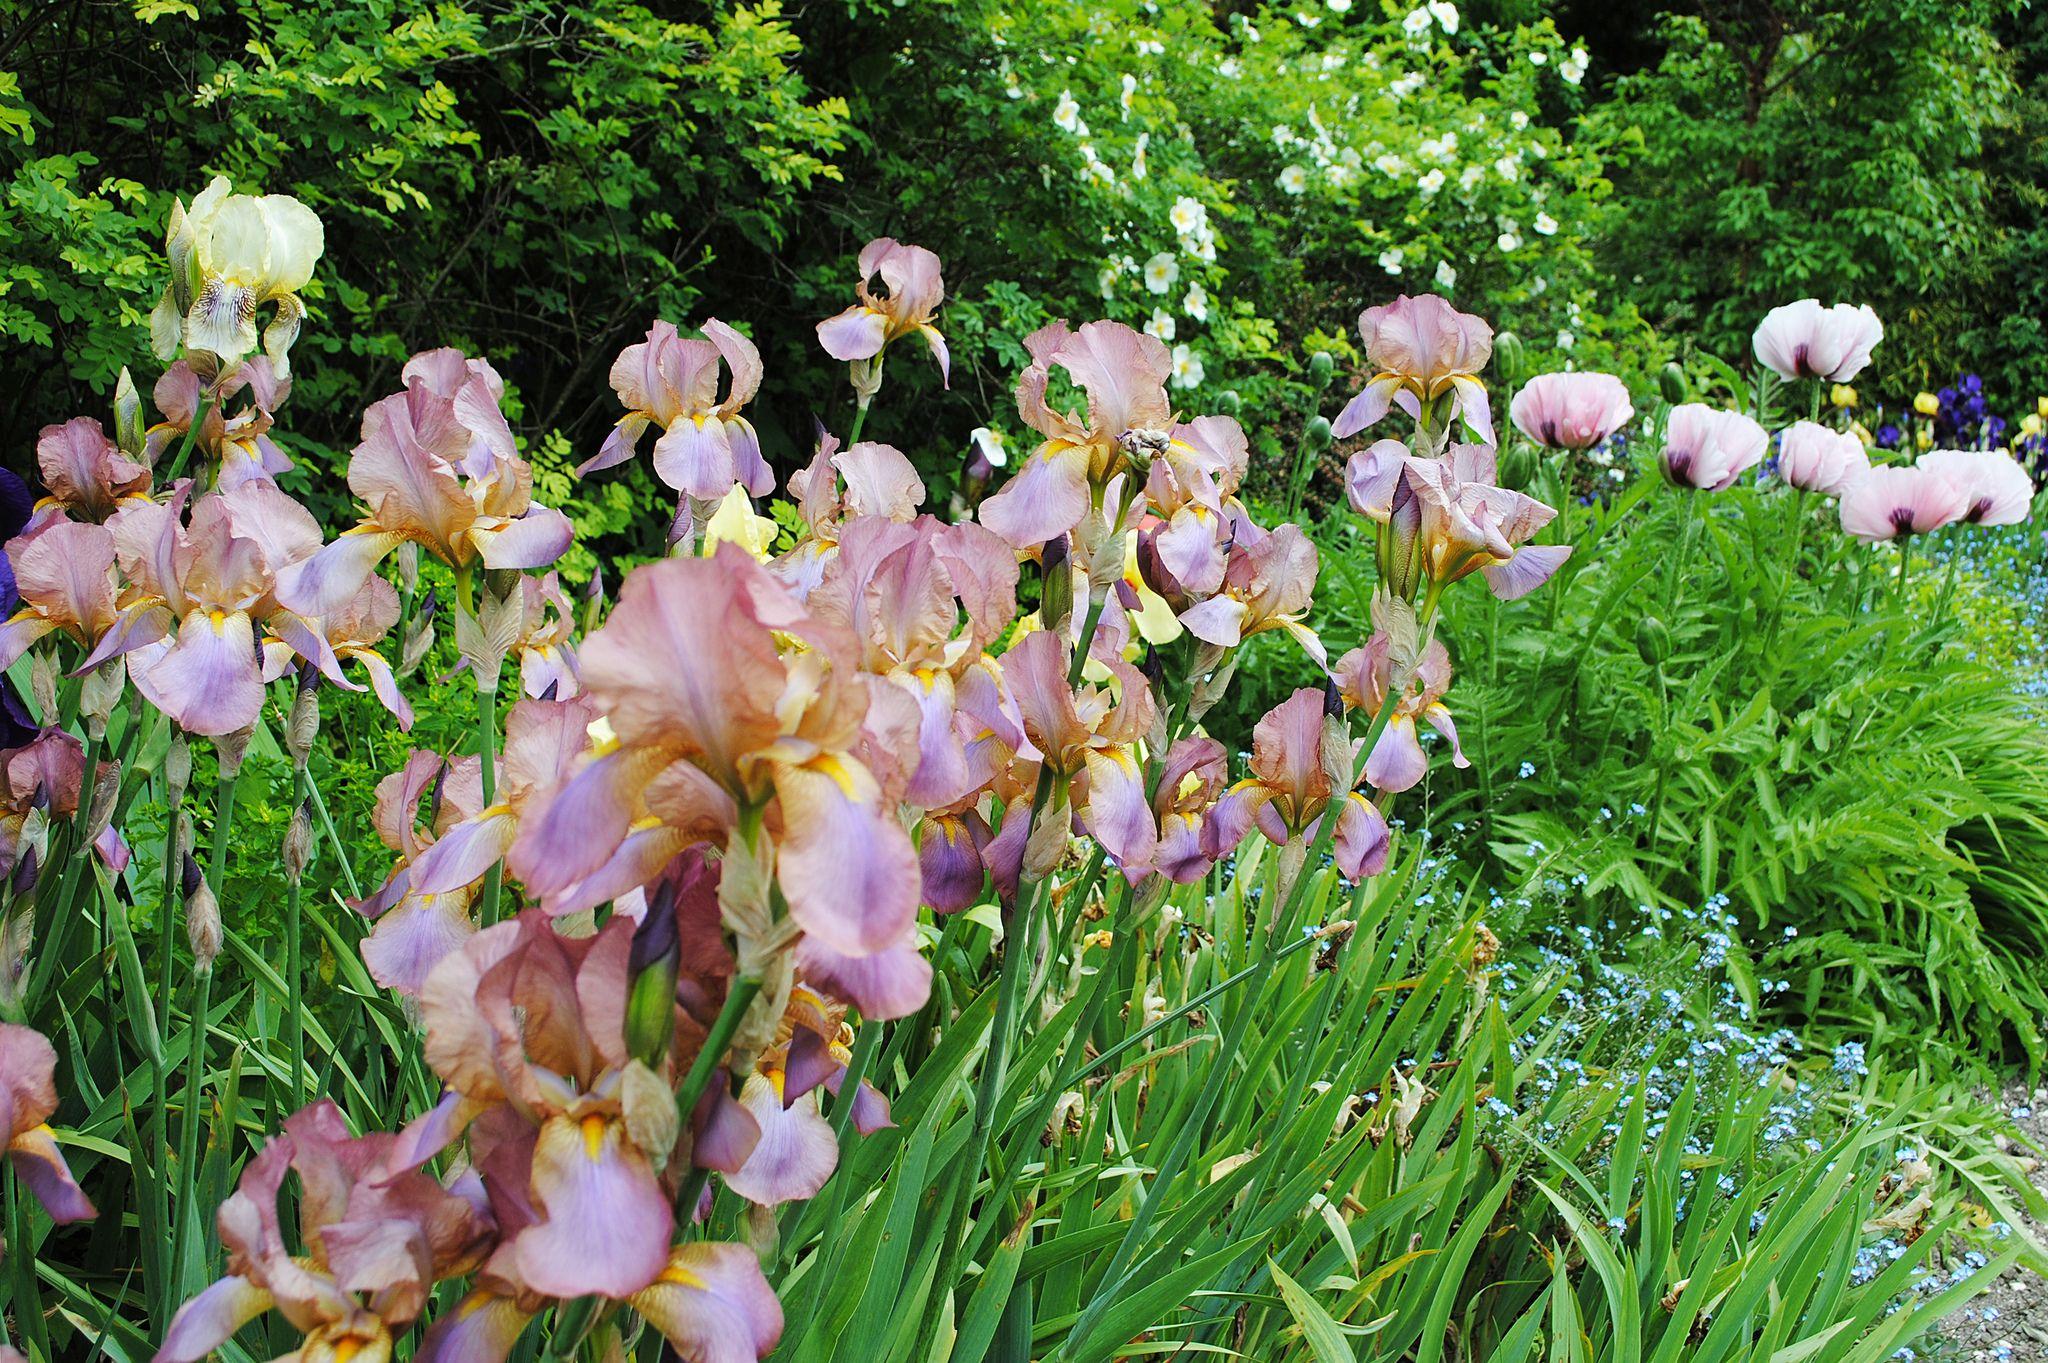 Highdown Gardens - West Sussex   Flickr - Photo Sharing!